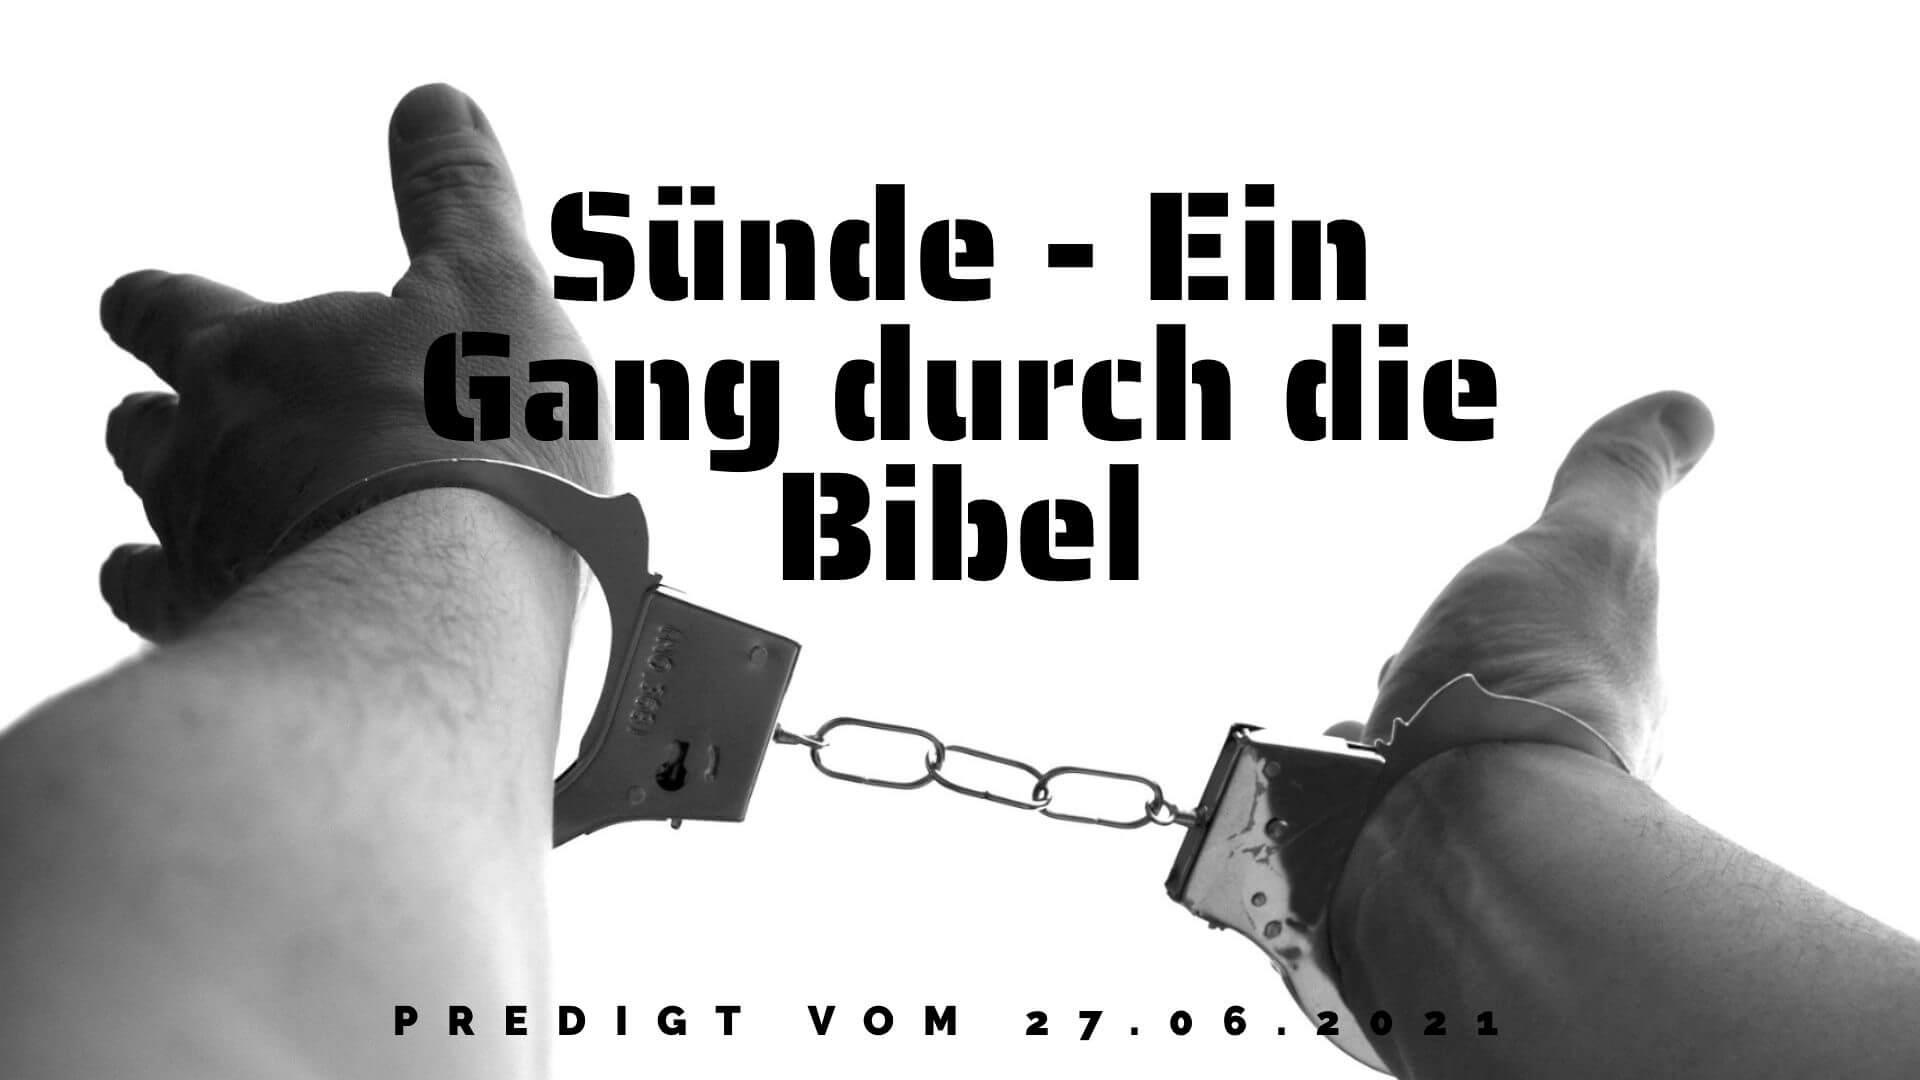 Sünde - Ein Gang durch die Bibel. Predigt vom 27.06.2021